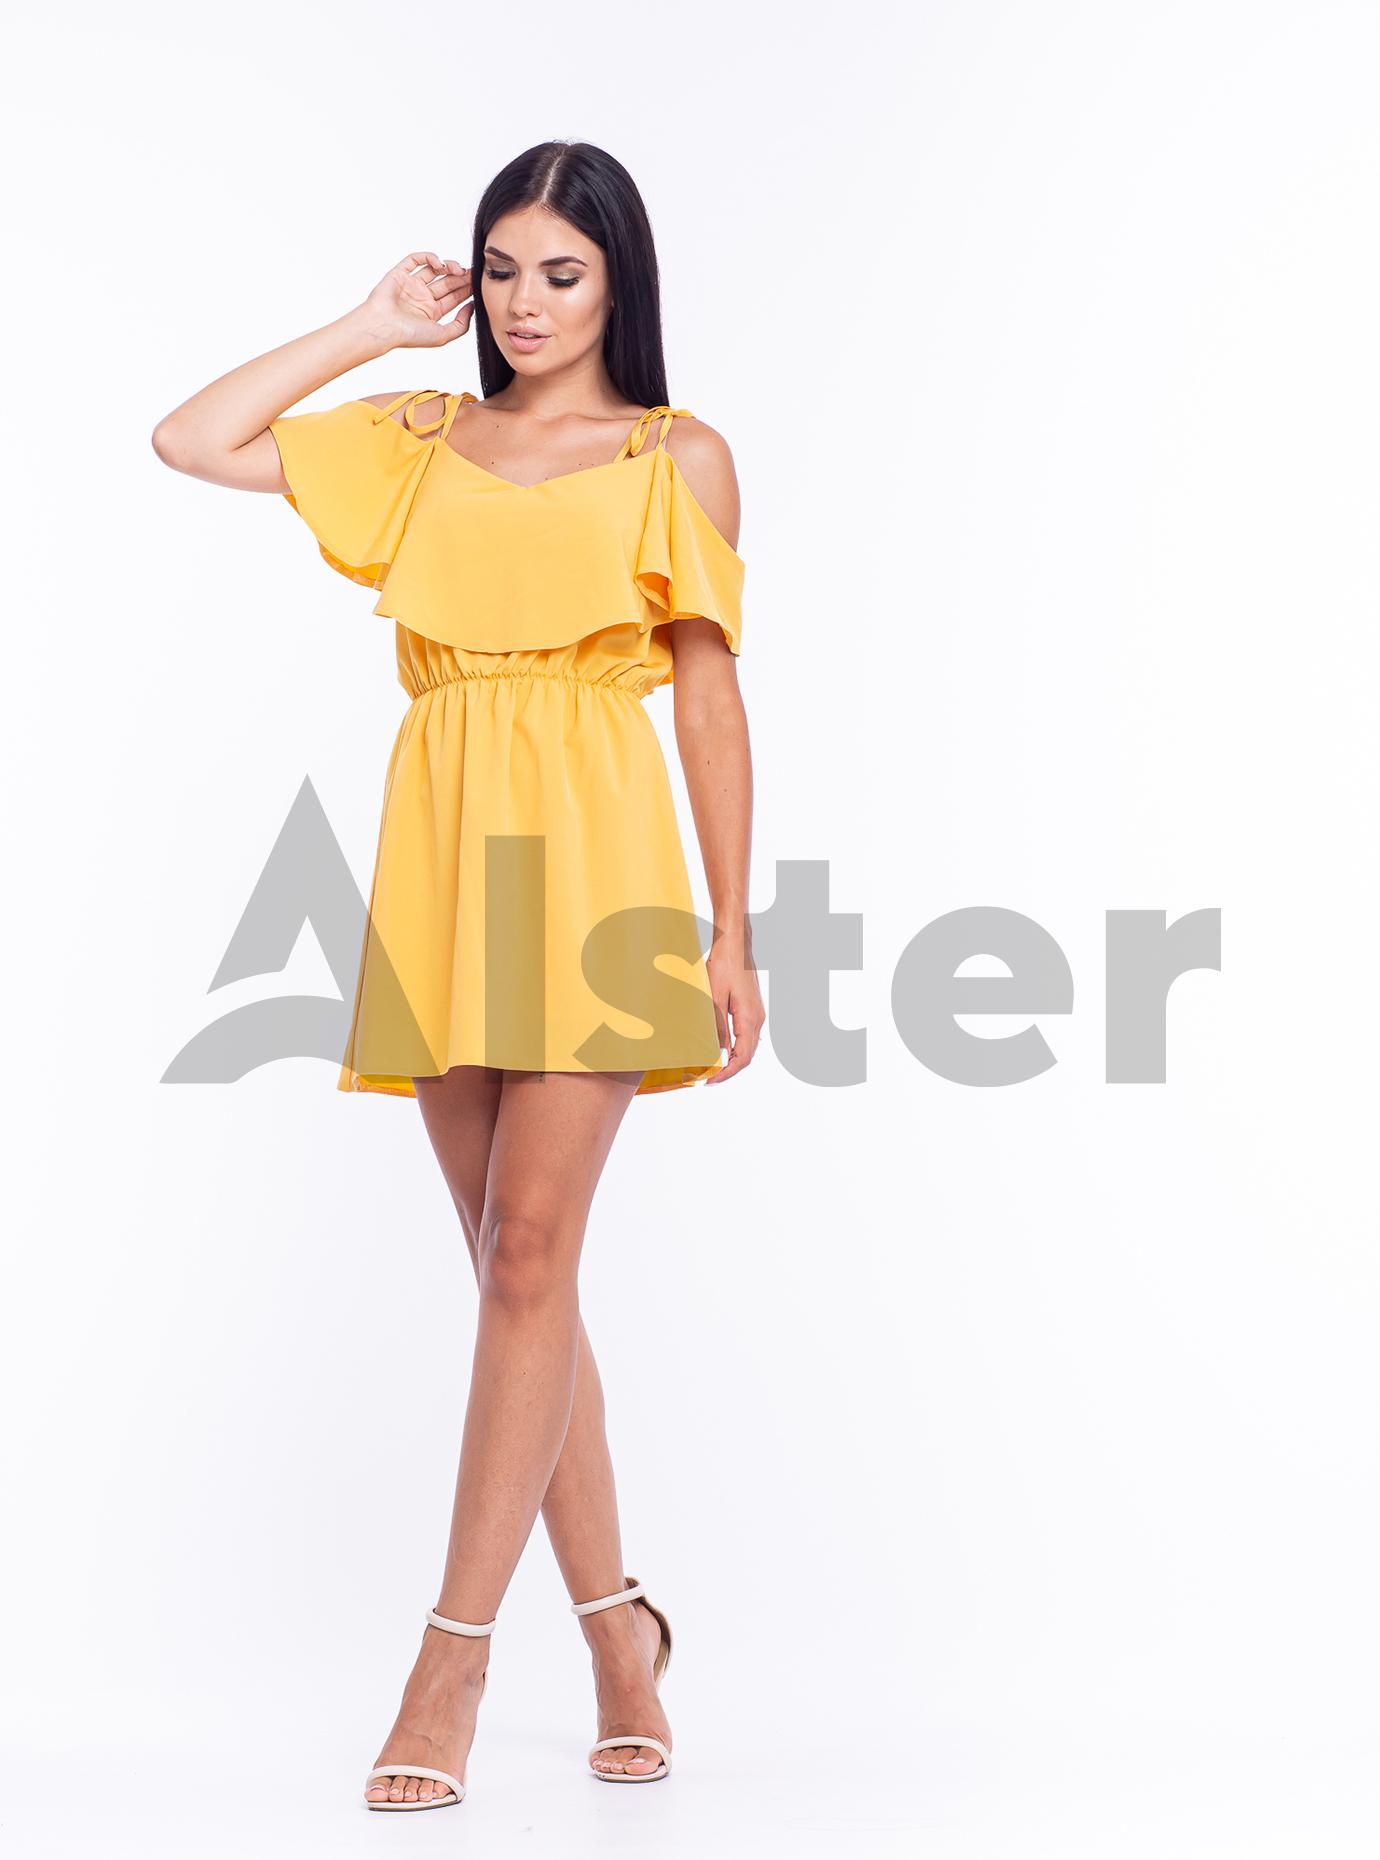 Платье Volan Жёлтый 42 (04-8987965): фото - Alster.ua